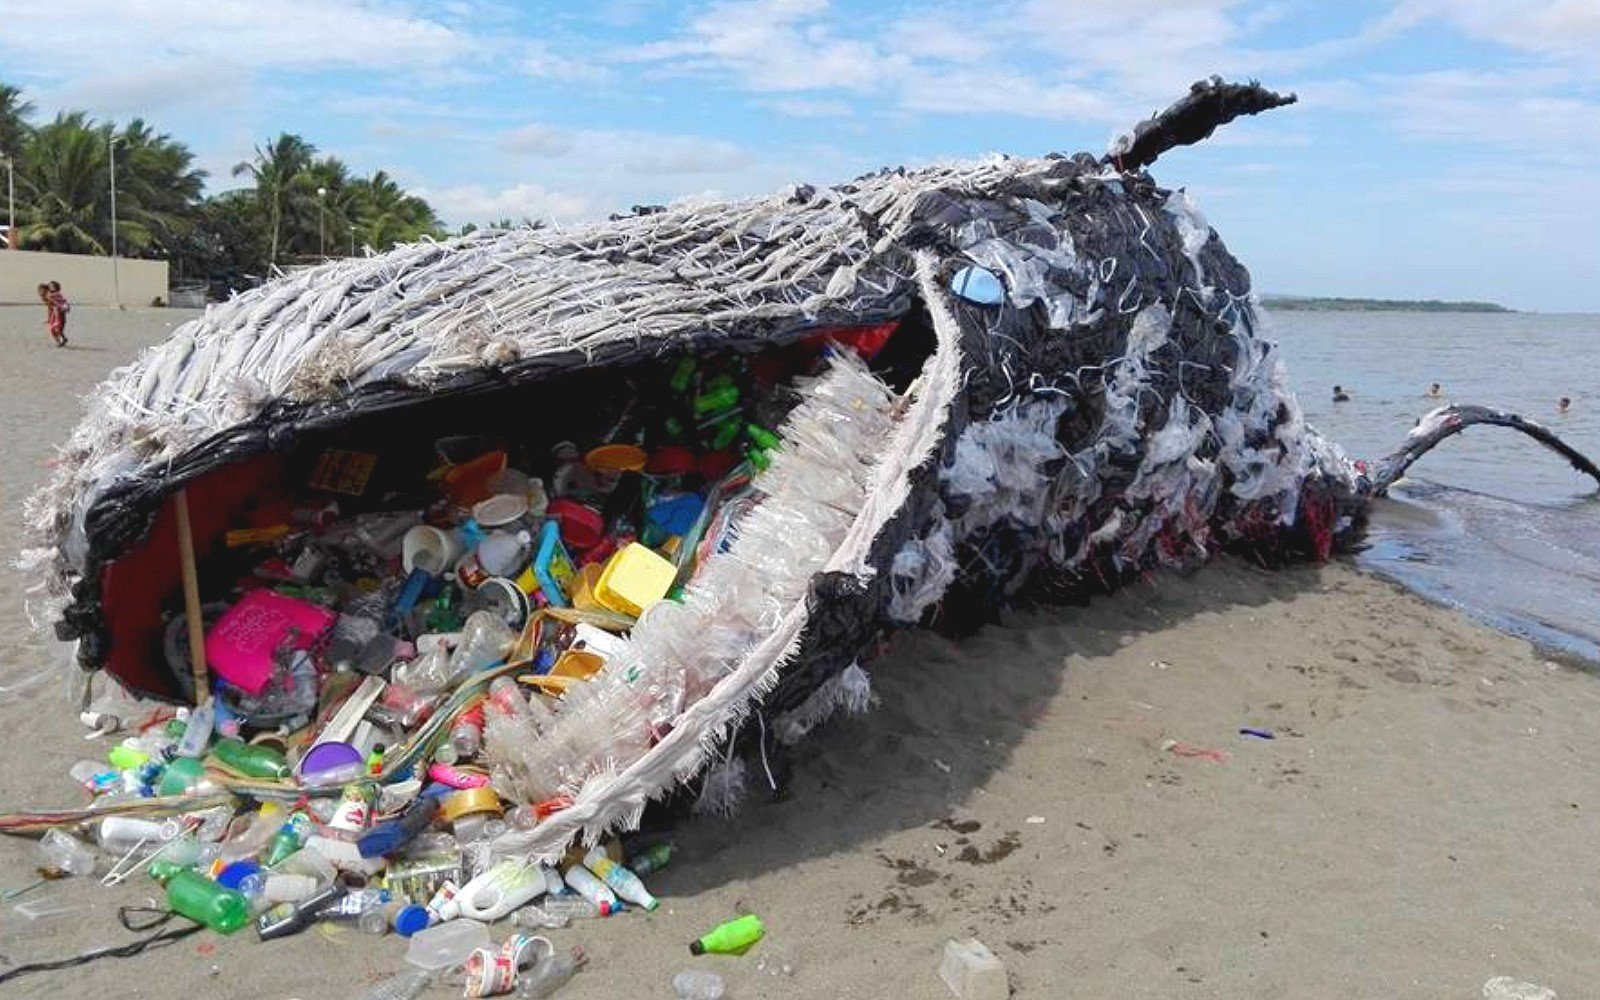 A környezetszennyezés csúcsa: 40 kiló műanyagot találtak egy bálna gyomrában